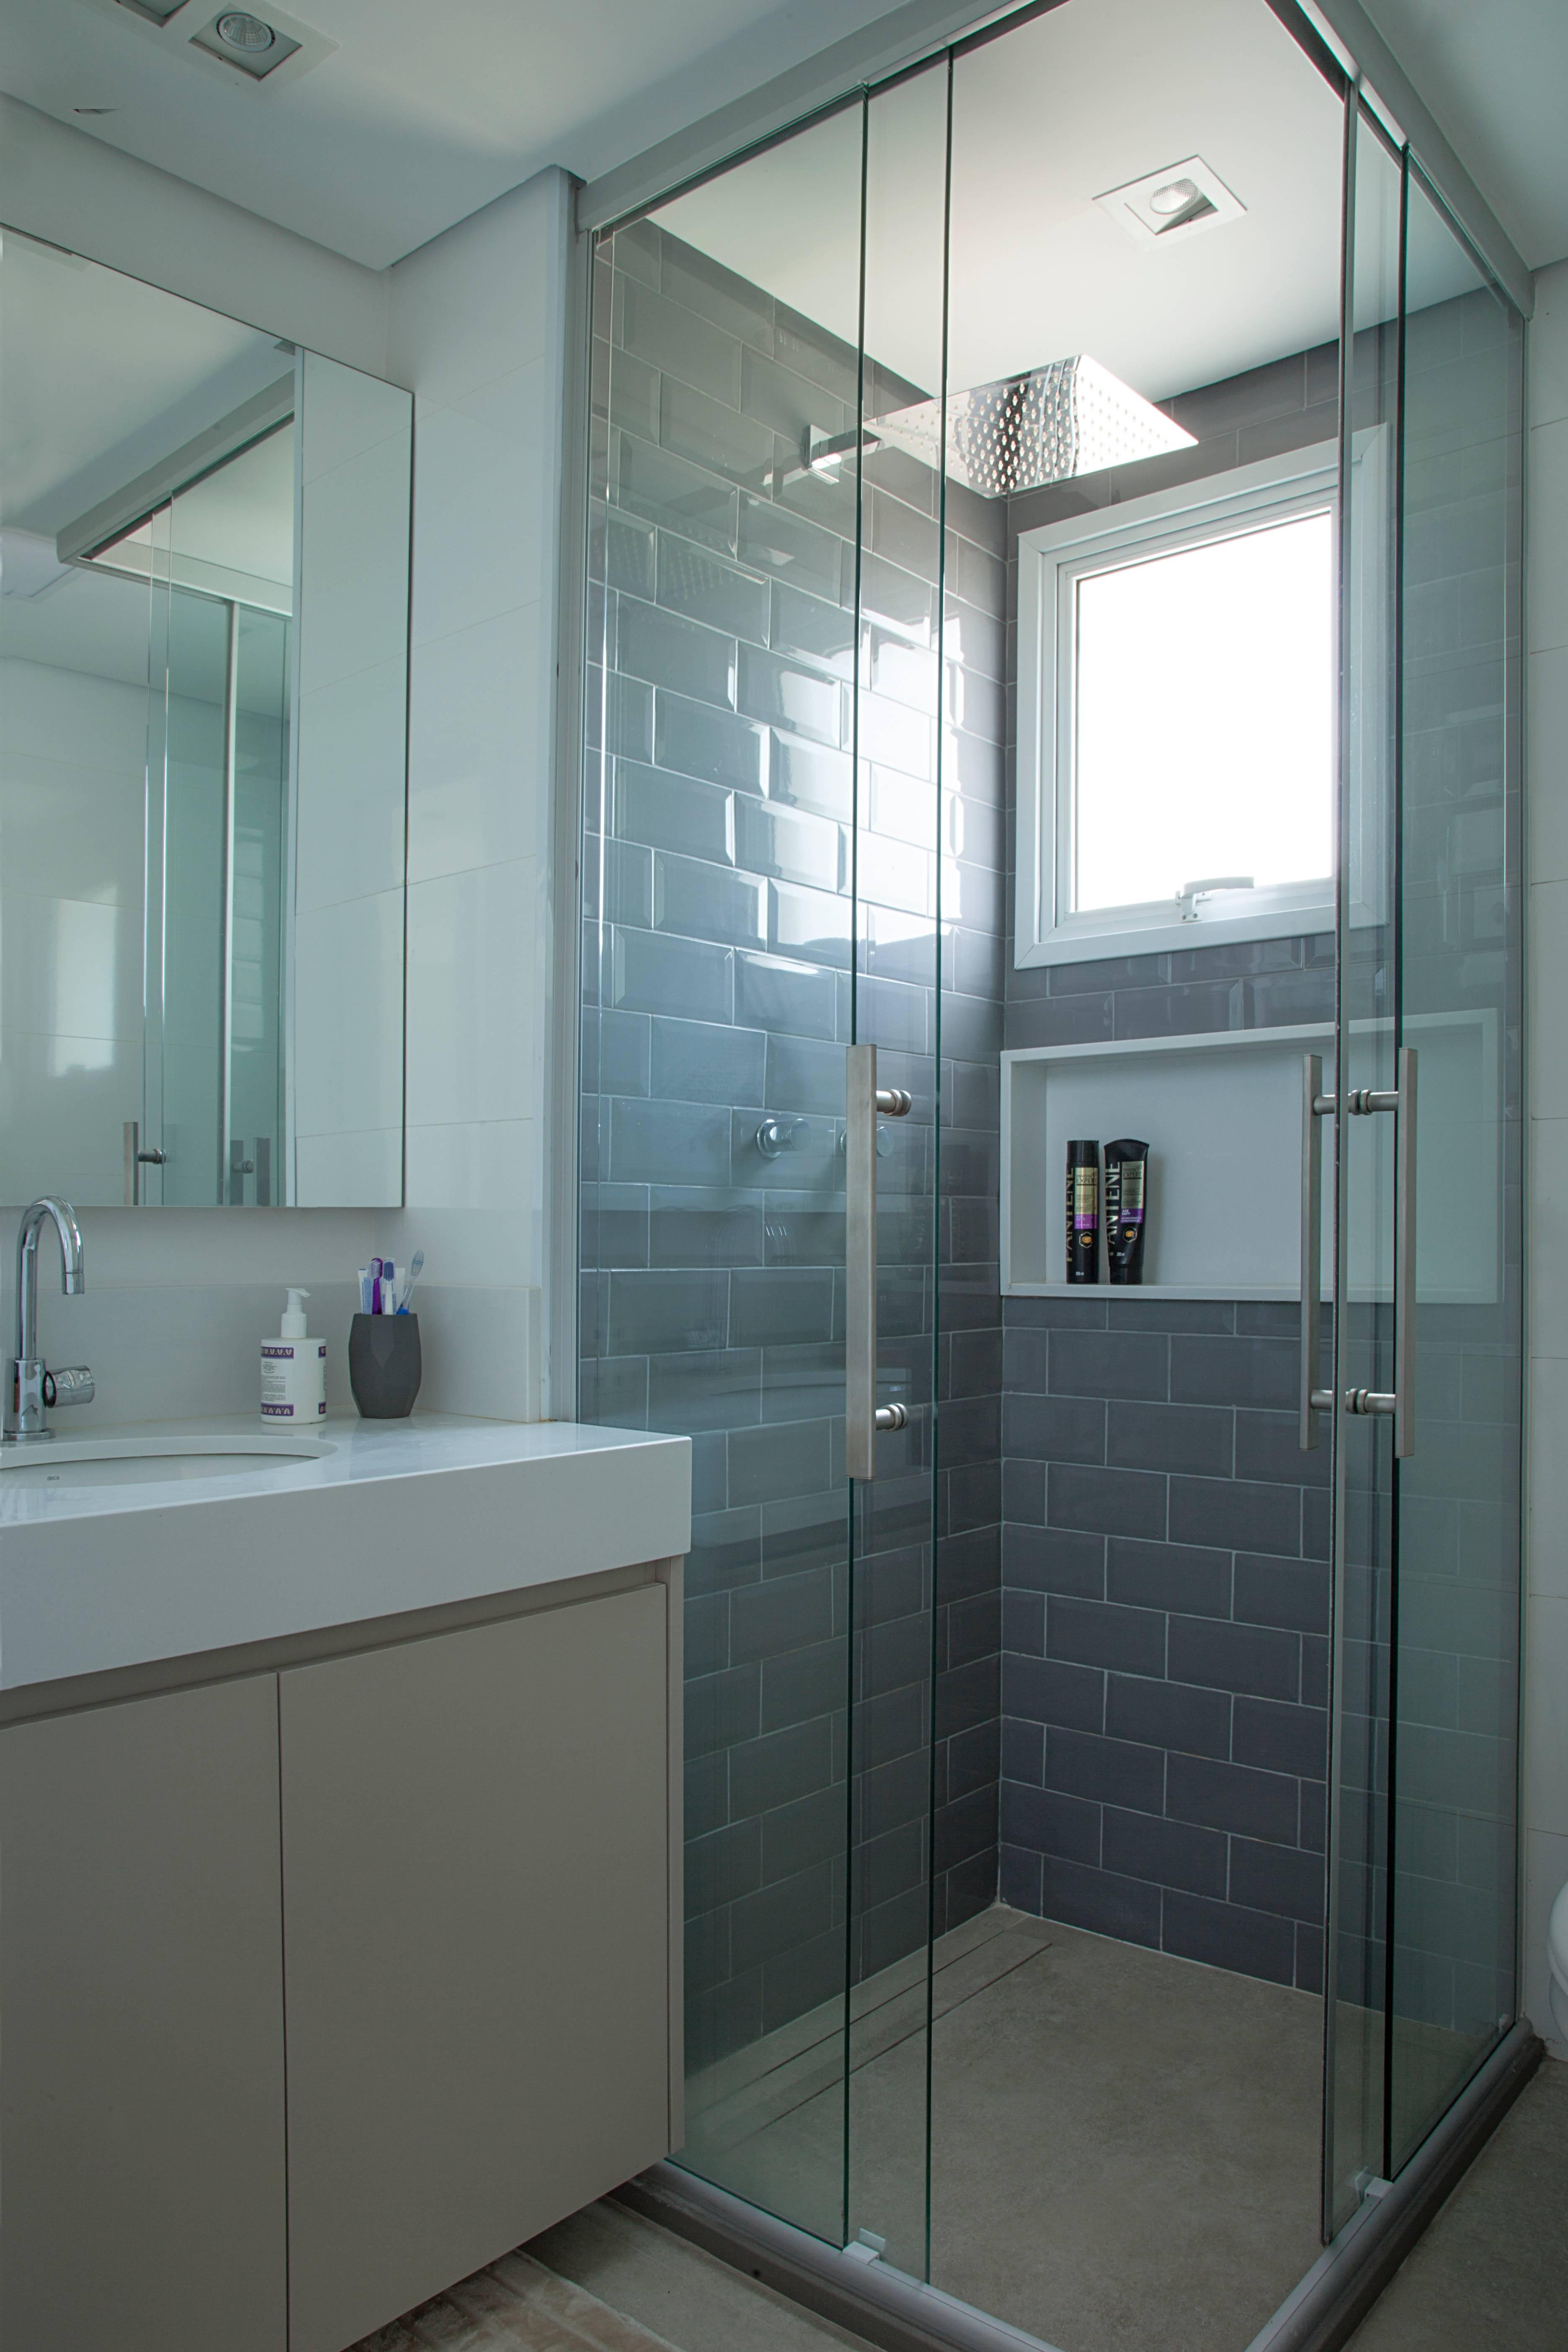 Com porcelanato antiderrapante no piso e revestimento liso na parede, o projeto de Bruno Moraes buscou aliar a segurança à praticidade na hora de higienizar